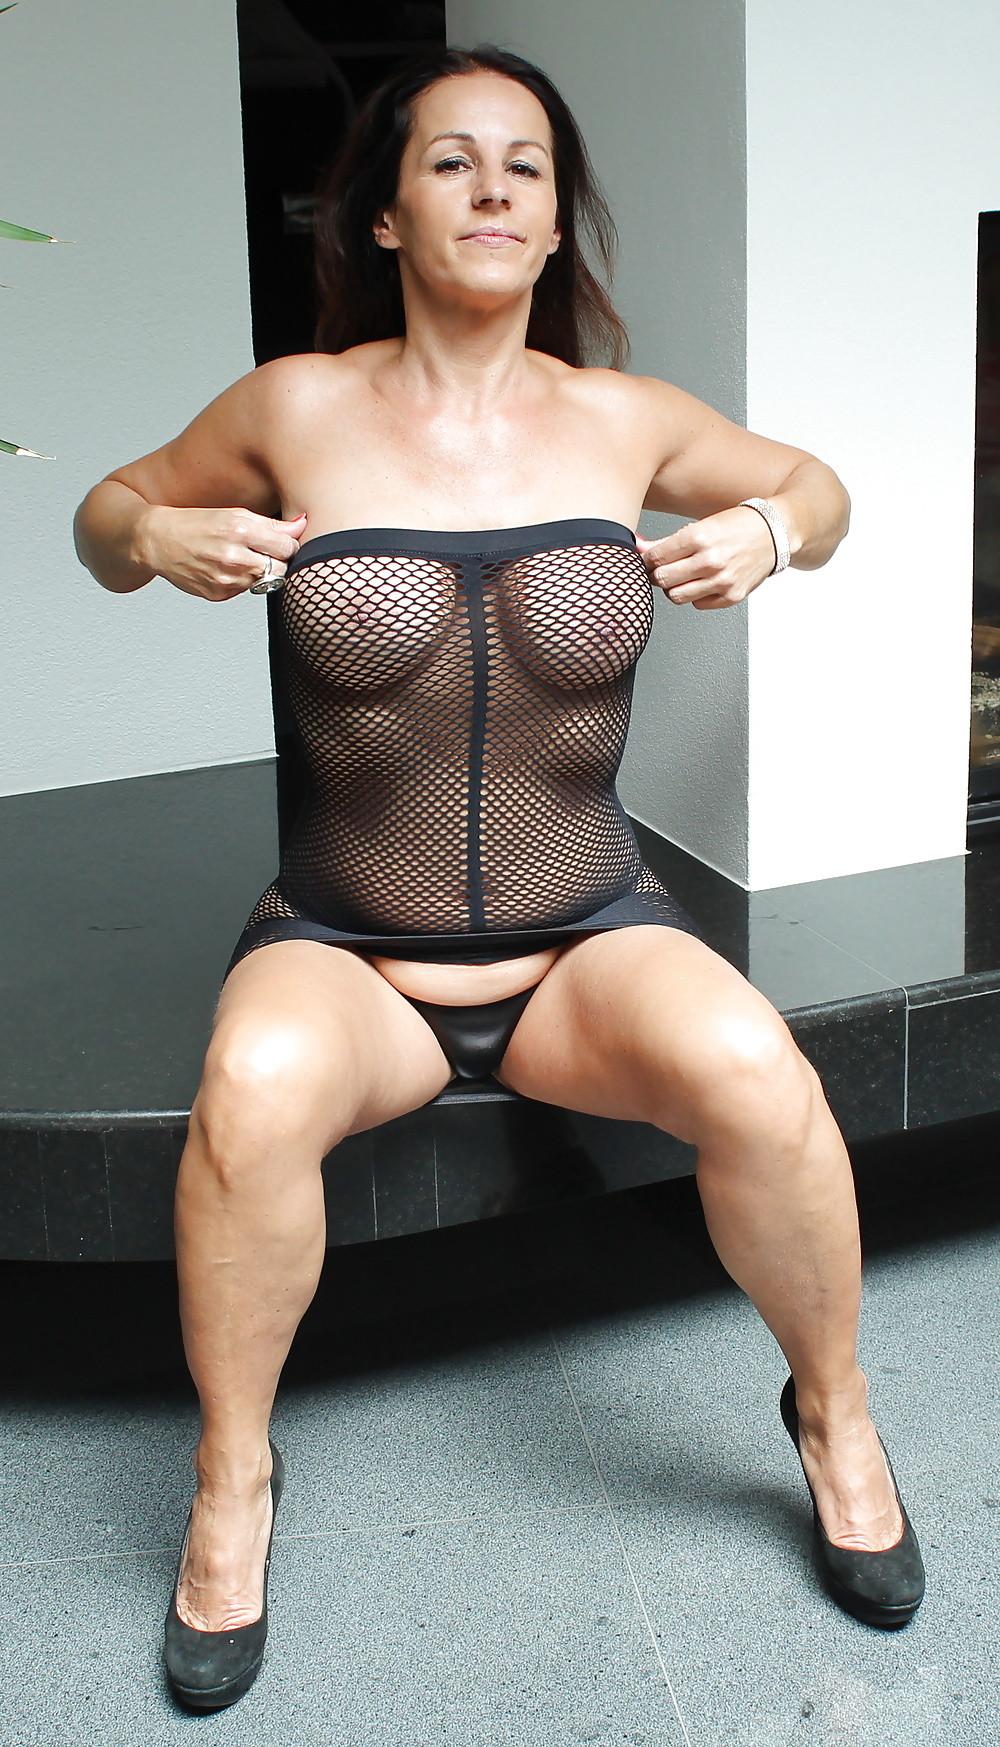 Раскованная женщина в зрелом возрасте готова принимать разные позы, лишь бы всю ее было видно